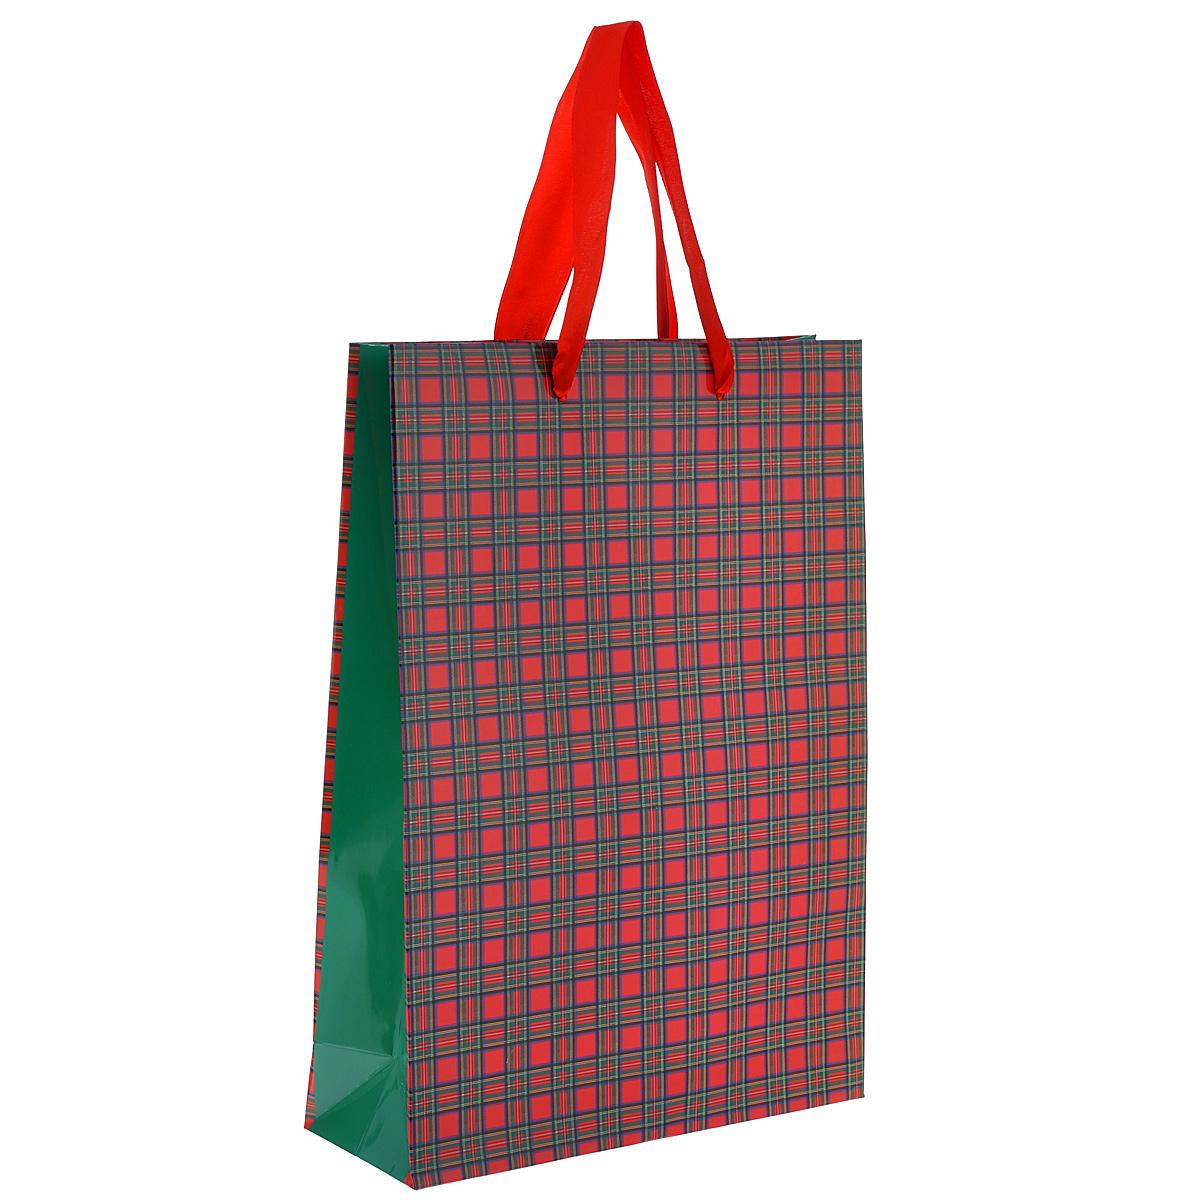 Пакет подарочный Шотландка, 25 х 35 х 9 смSCB25002006Подарочный пакет Шотландка выполнен из плотной ламинированной бумаги. Оформлен принтом в виде классической шотландской клетки. Дно изделия укреплено плотным картоном, который позволяет сохранить форму пакета и исключает возможность деформации дна под тяжестью подарка. Для удобной переноски на пакете имеются две атласные ручки.Подарок, преподнесенный в оригинальной упаковке, всегда будет самым эффектным и запоминающимся. Окружите близких людей вниманием и заботой, вручив презент в нарядном, праздничном оформлении.